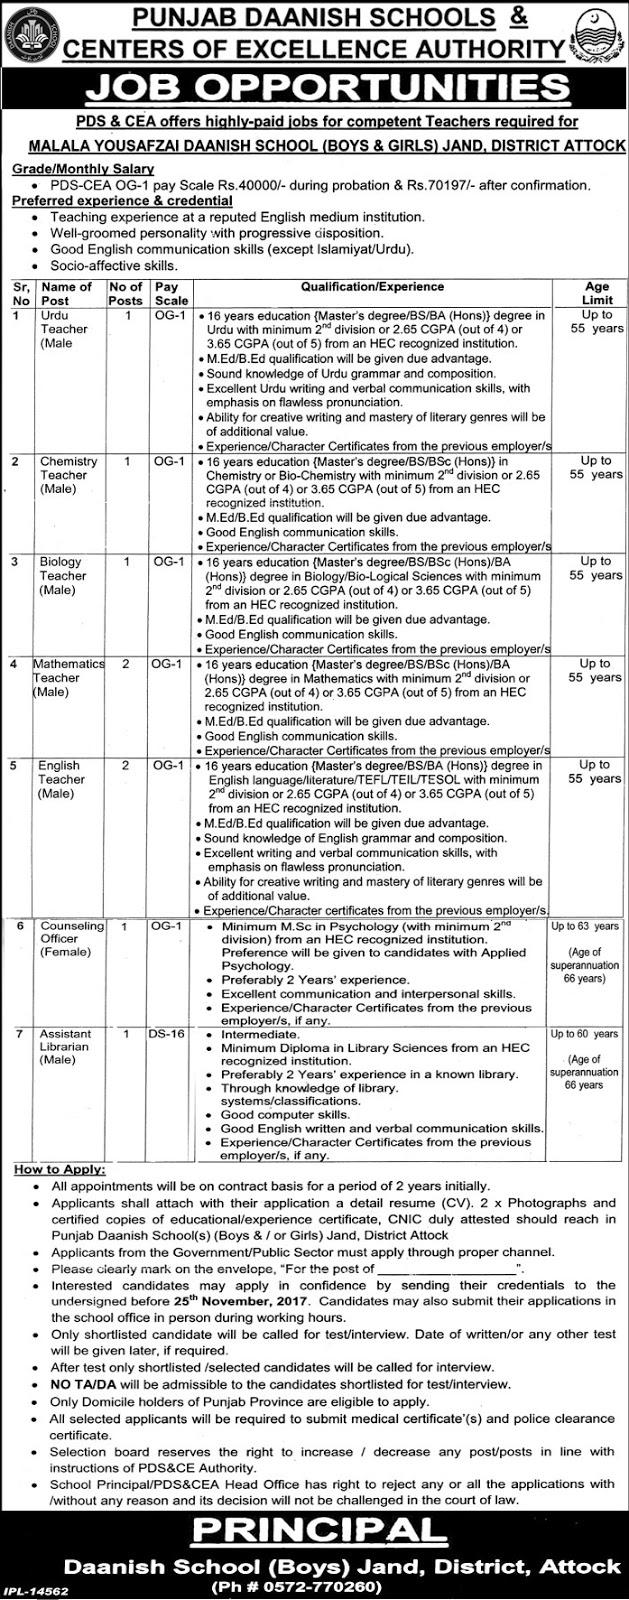 Punjab Daanish School Jobs 2017 Jand, Attock